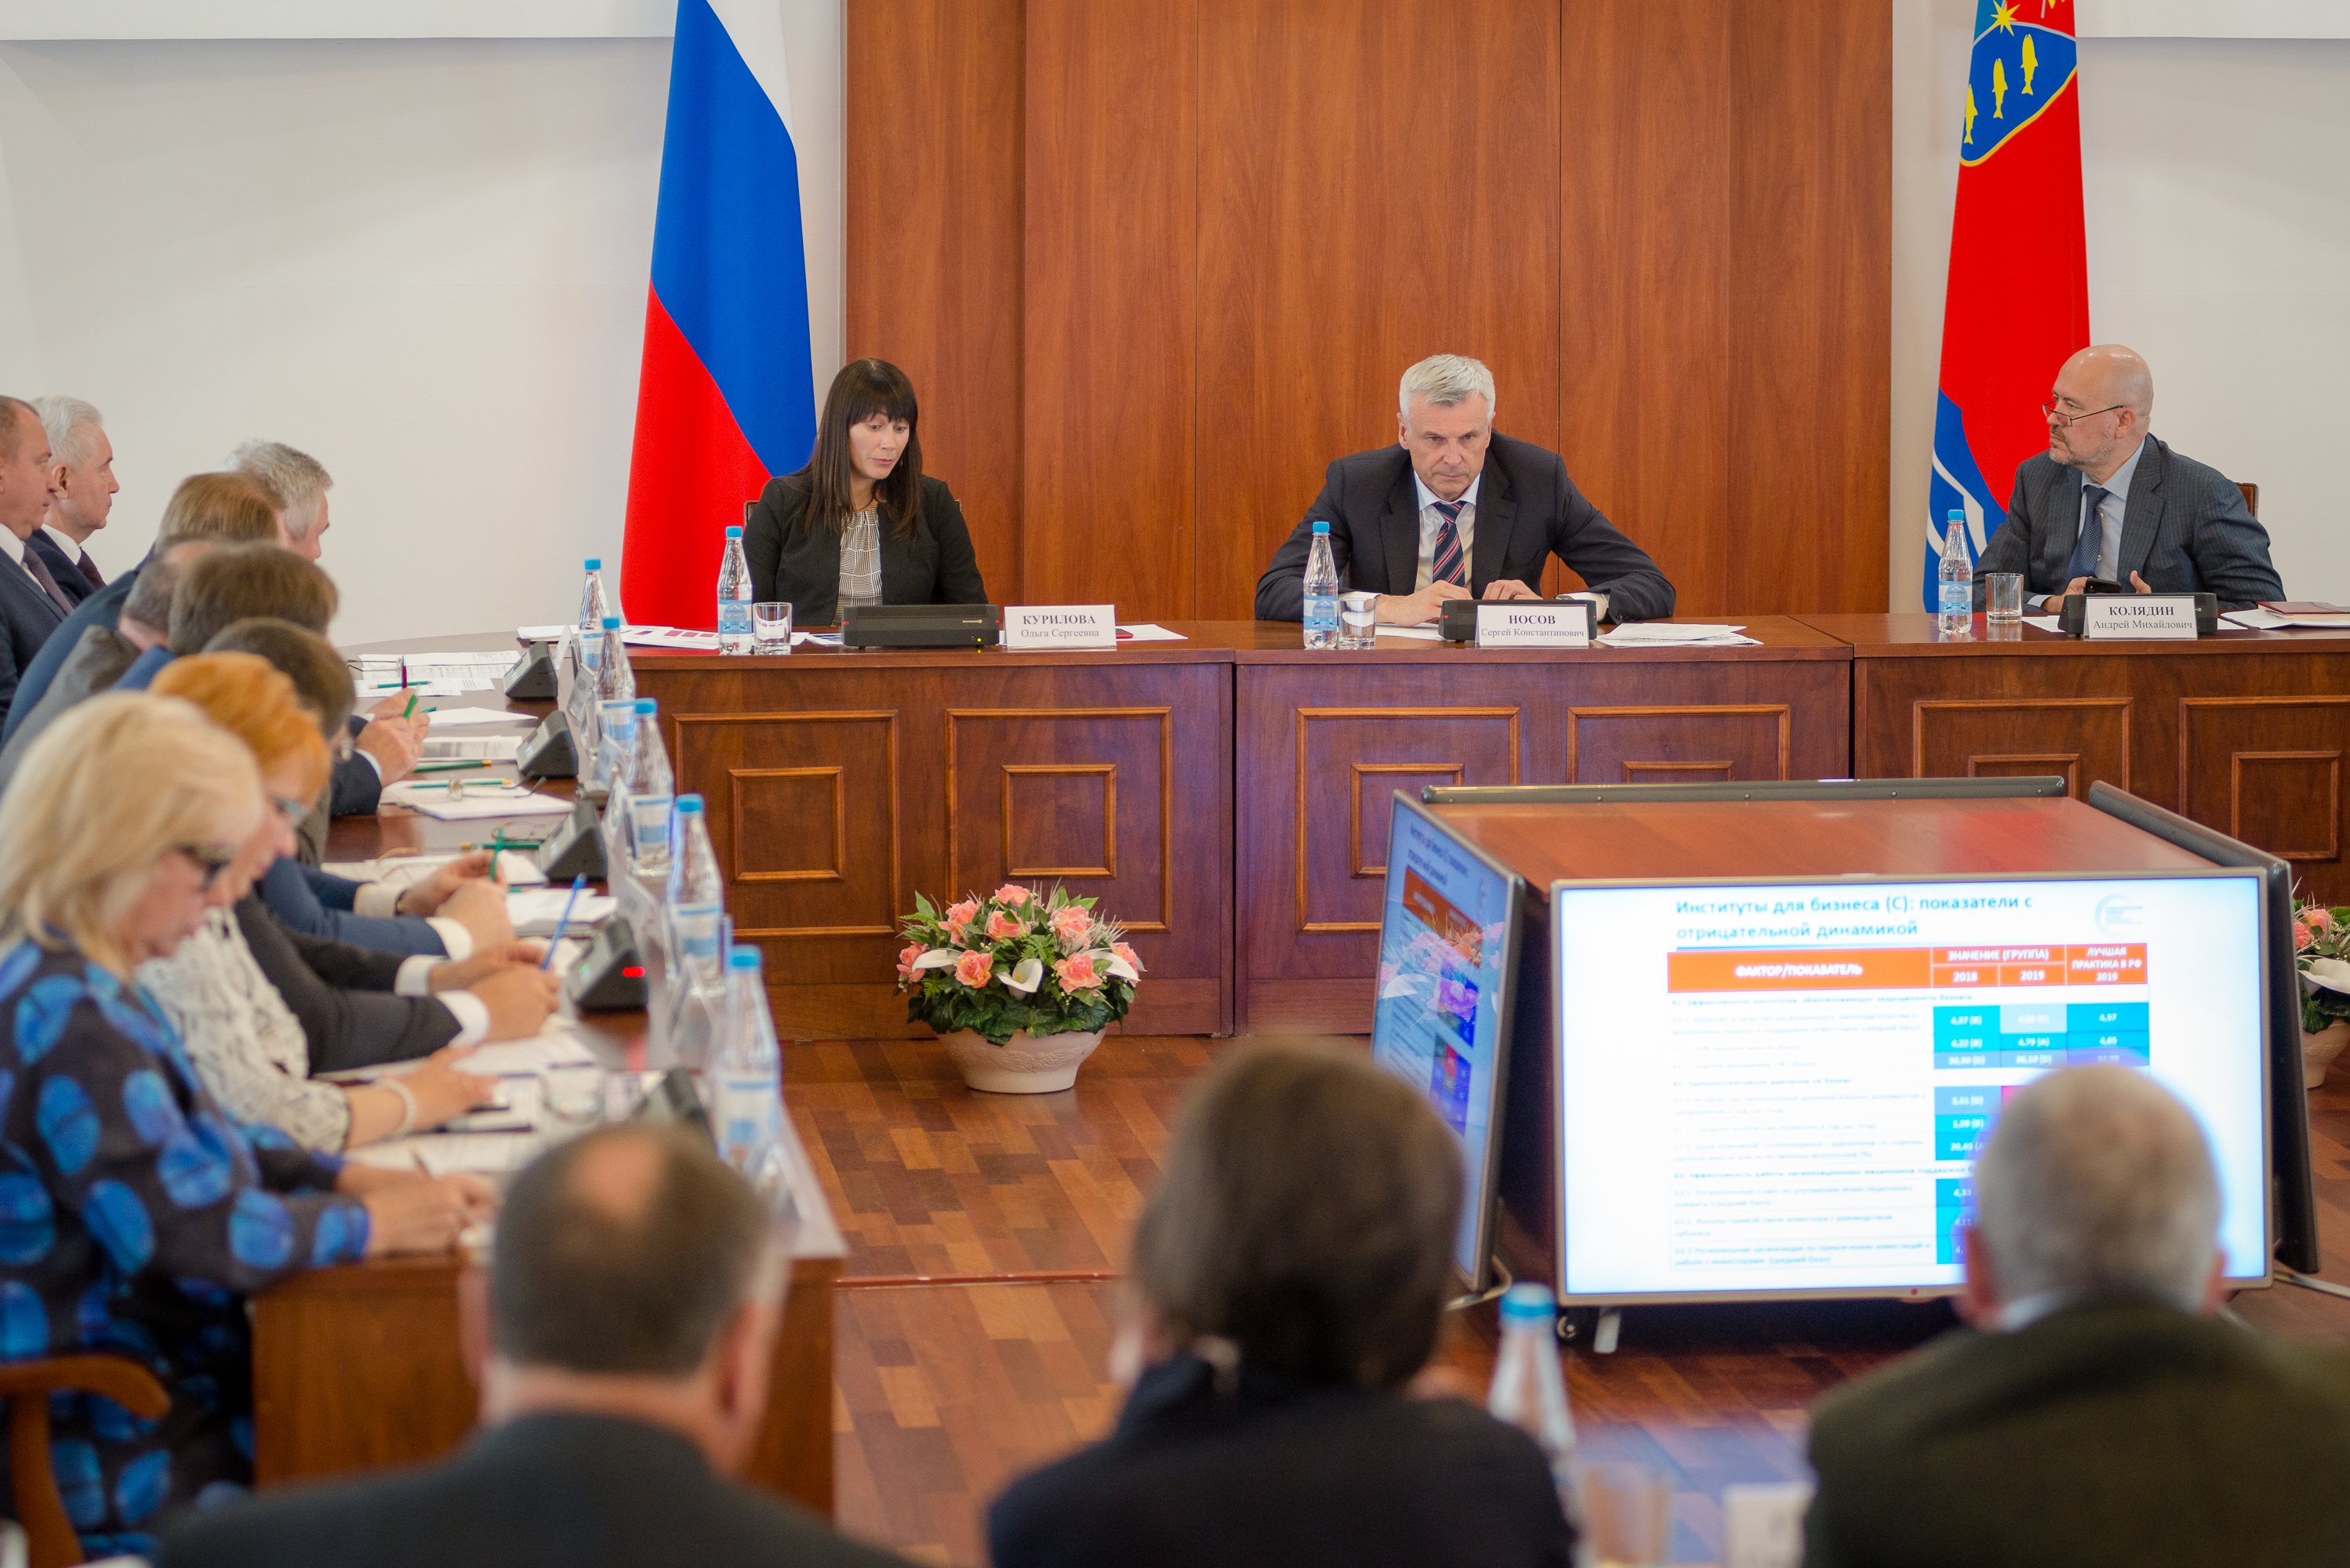 Губернатор Магаданской области Сергей Носов провел совещание по состоянию инвестиционного климата в регионе